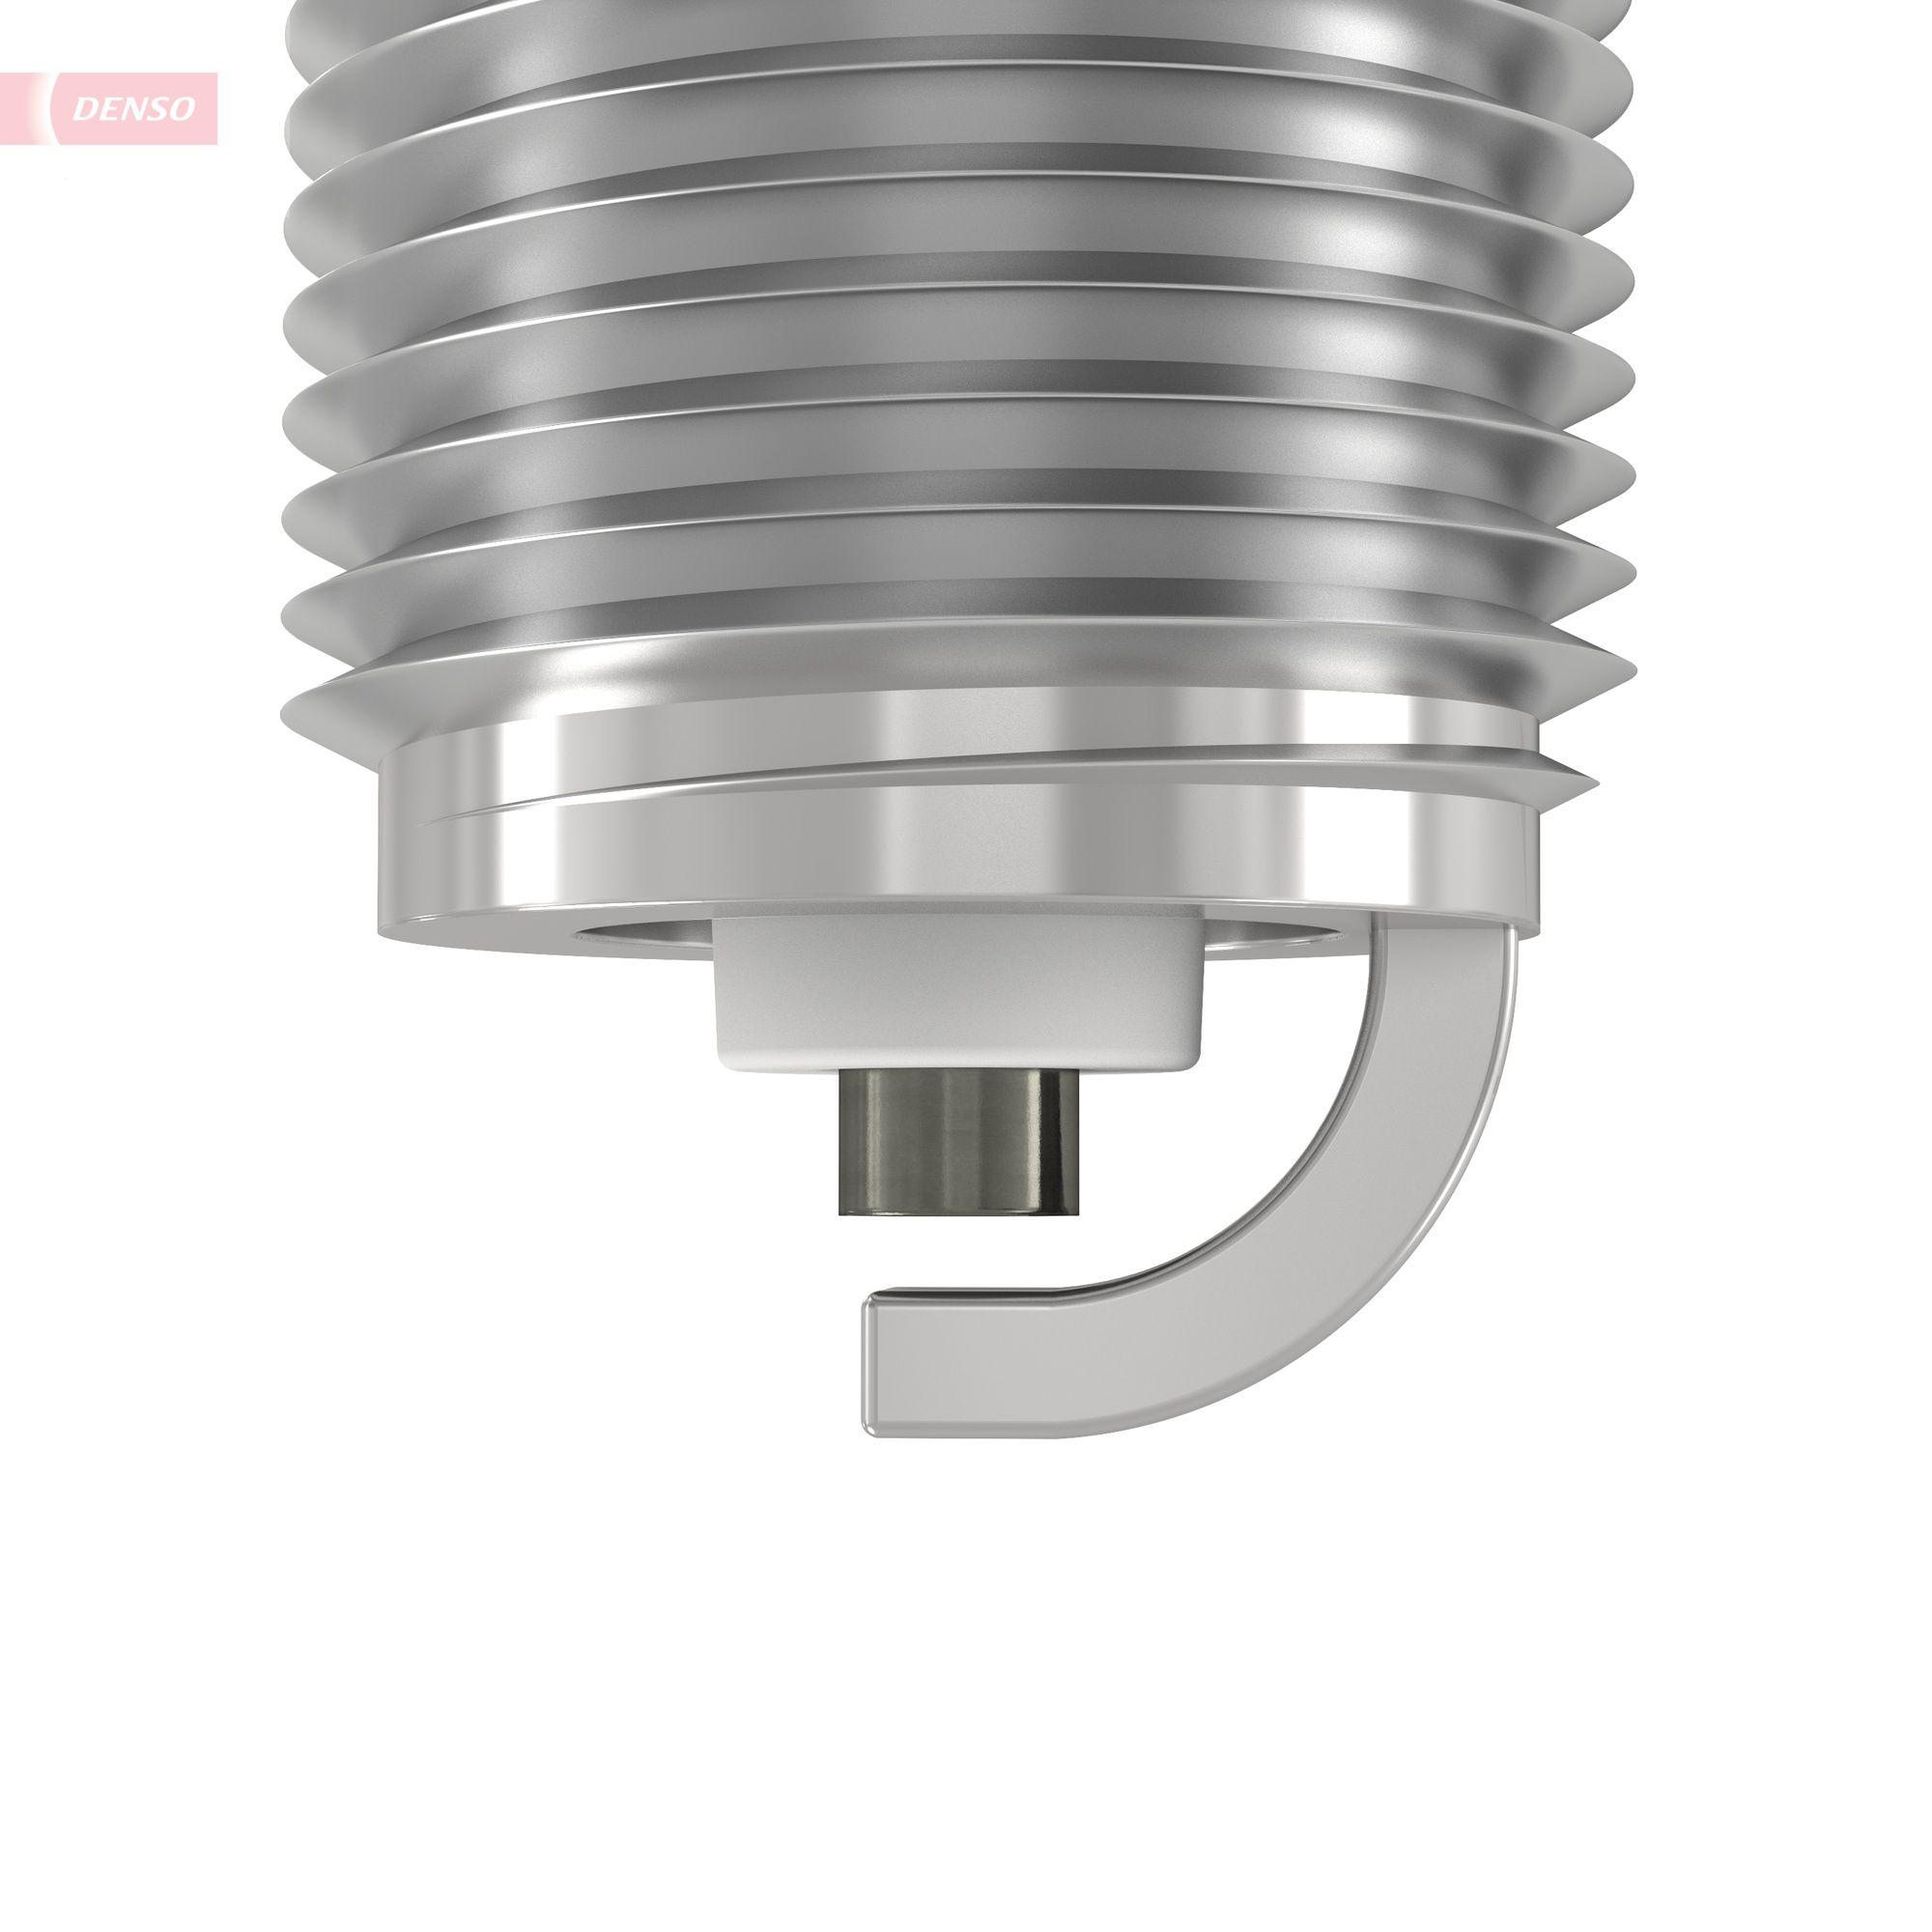 Αγοράστε 5032 DENSO Nickel Άνοιγμα κλειδιού: 16 Μπουζί T20EPR-U Σε χαμηλή τιμή